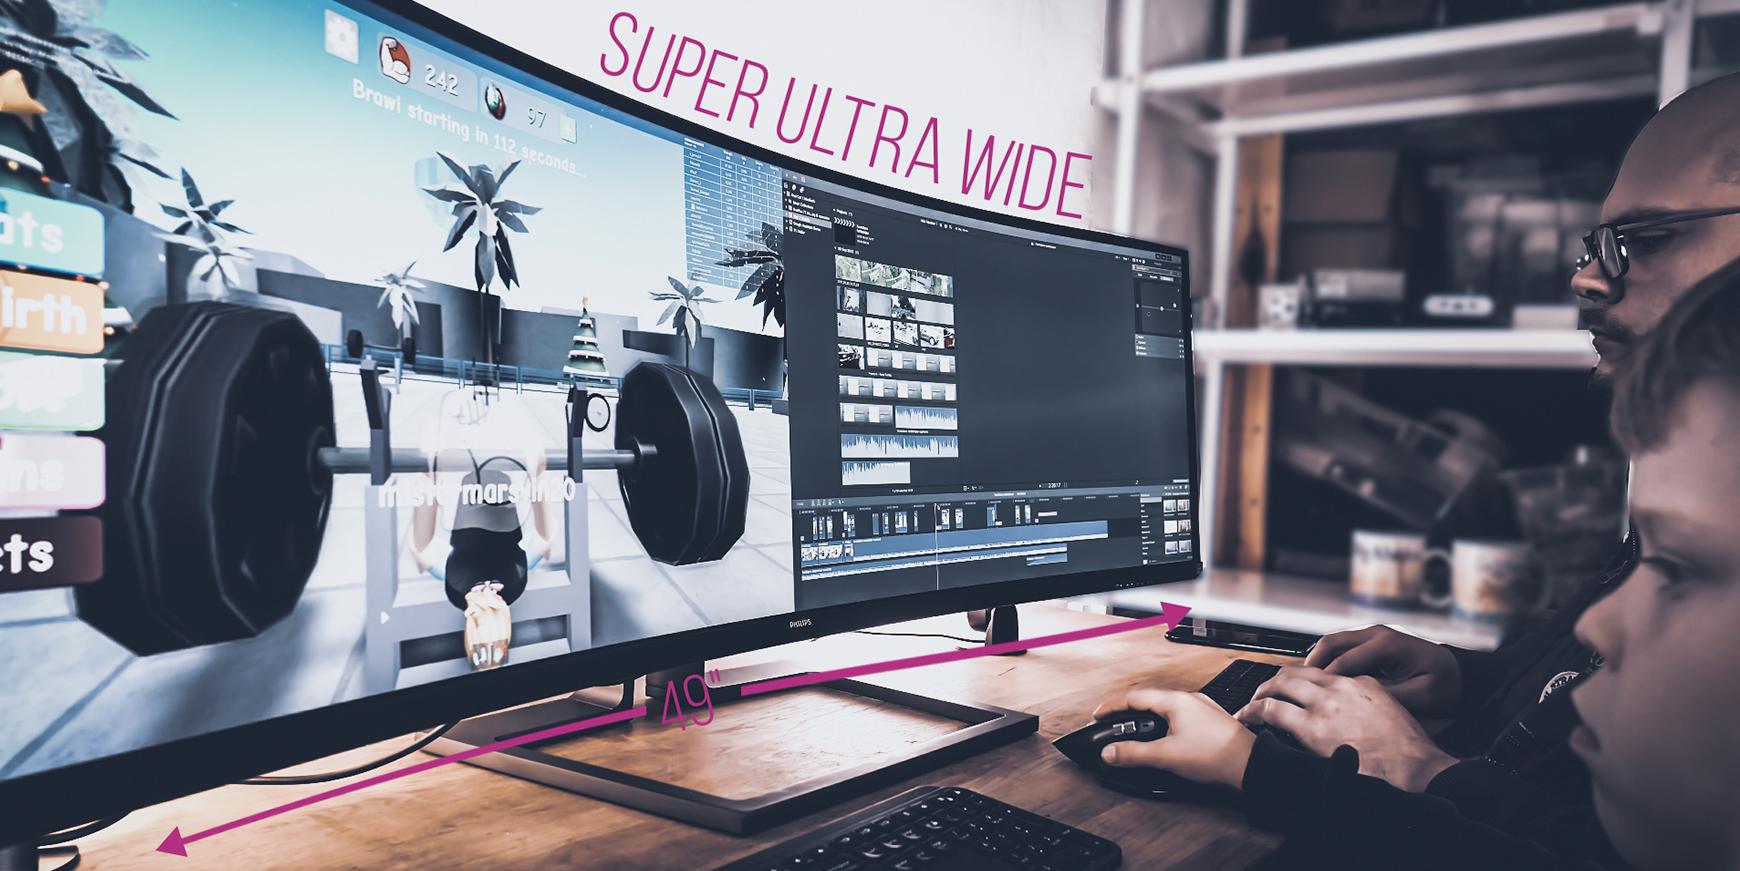 Super Wide